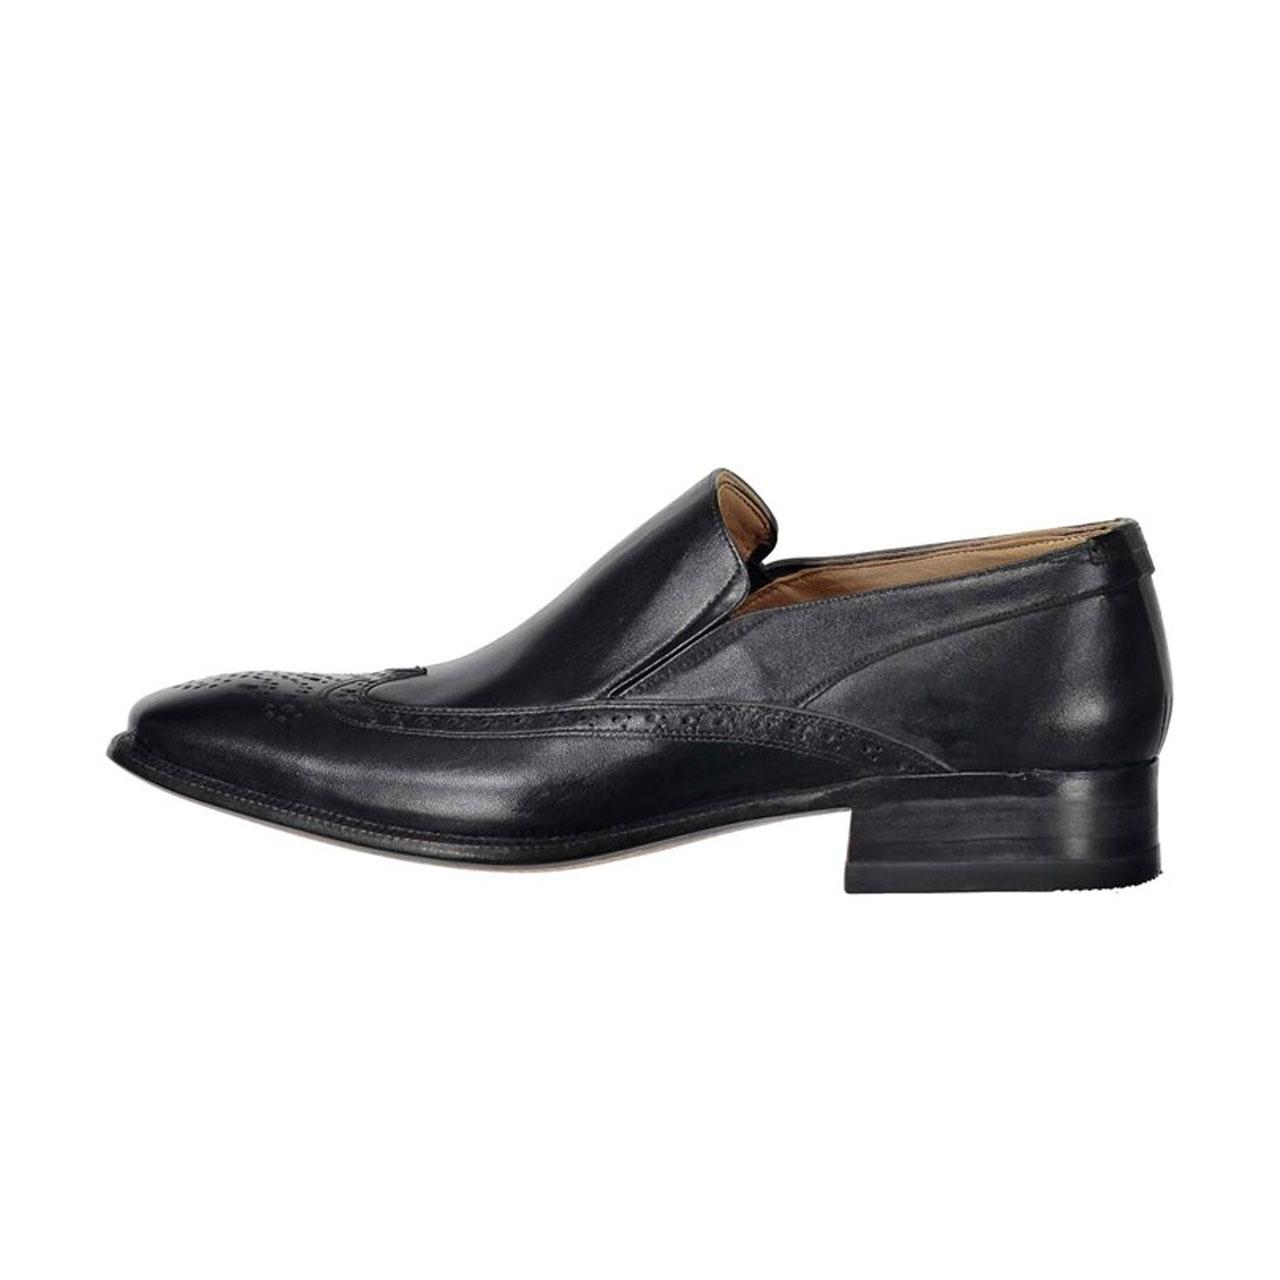 کفش مردانه مدل کلاسیک نظری کد 228100502